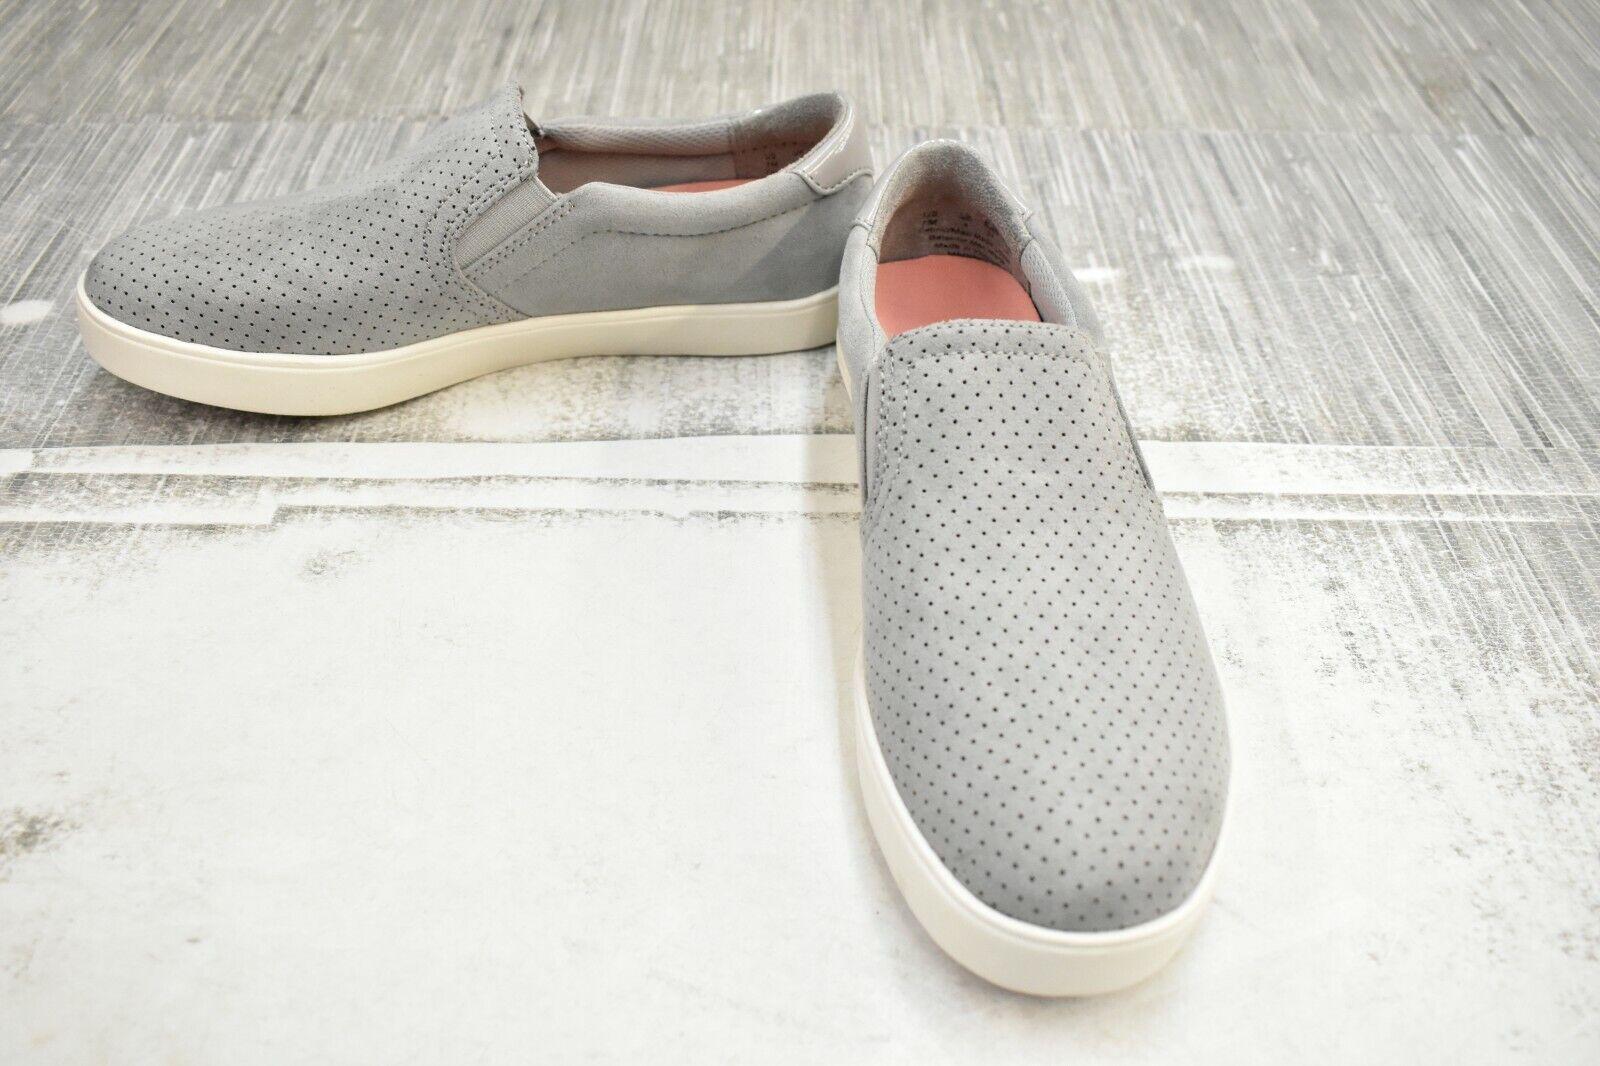 ** Dr. Scholl's Nova À Enfiler Chaussures Confort, femme taille 7 m, gris NEUF